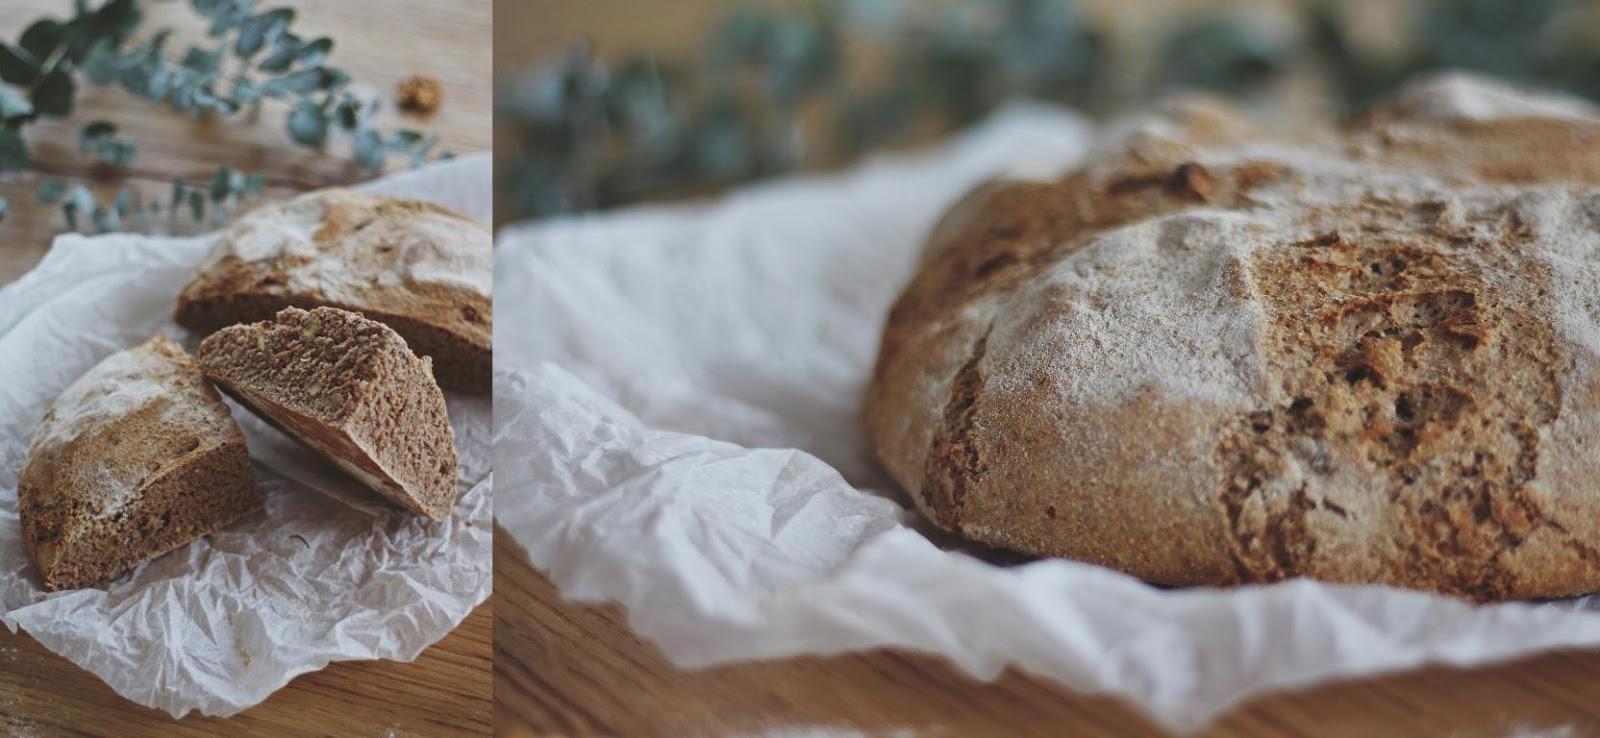 Angeschnittener Laib Brot